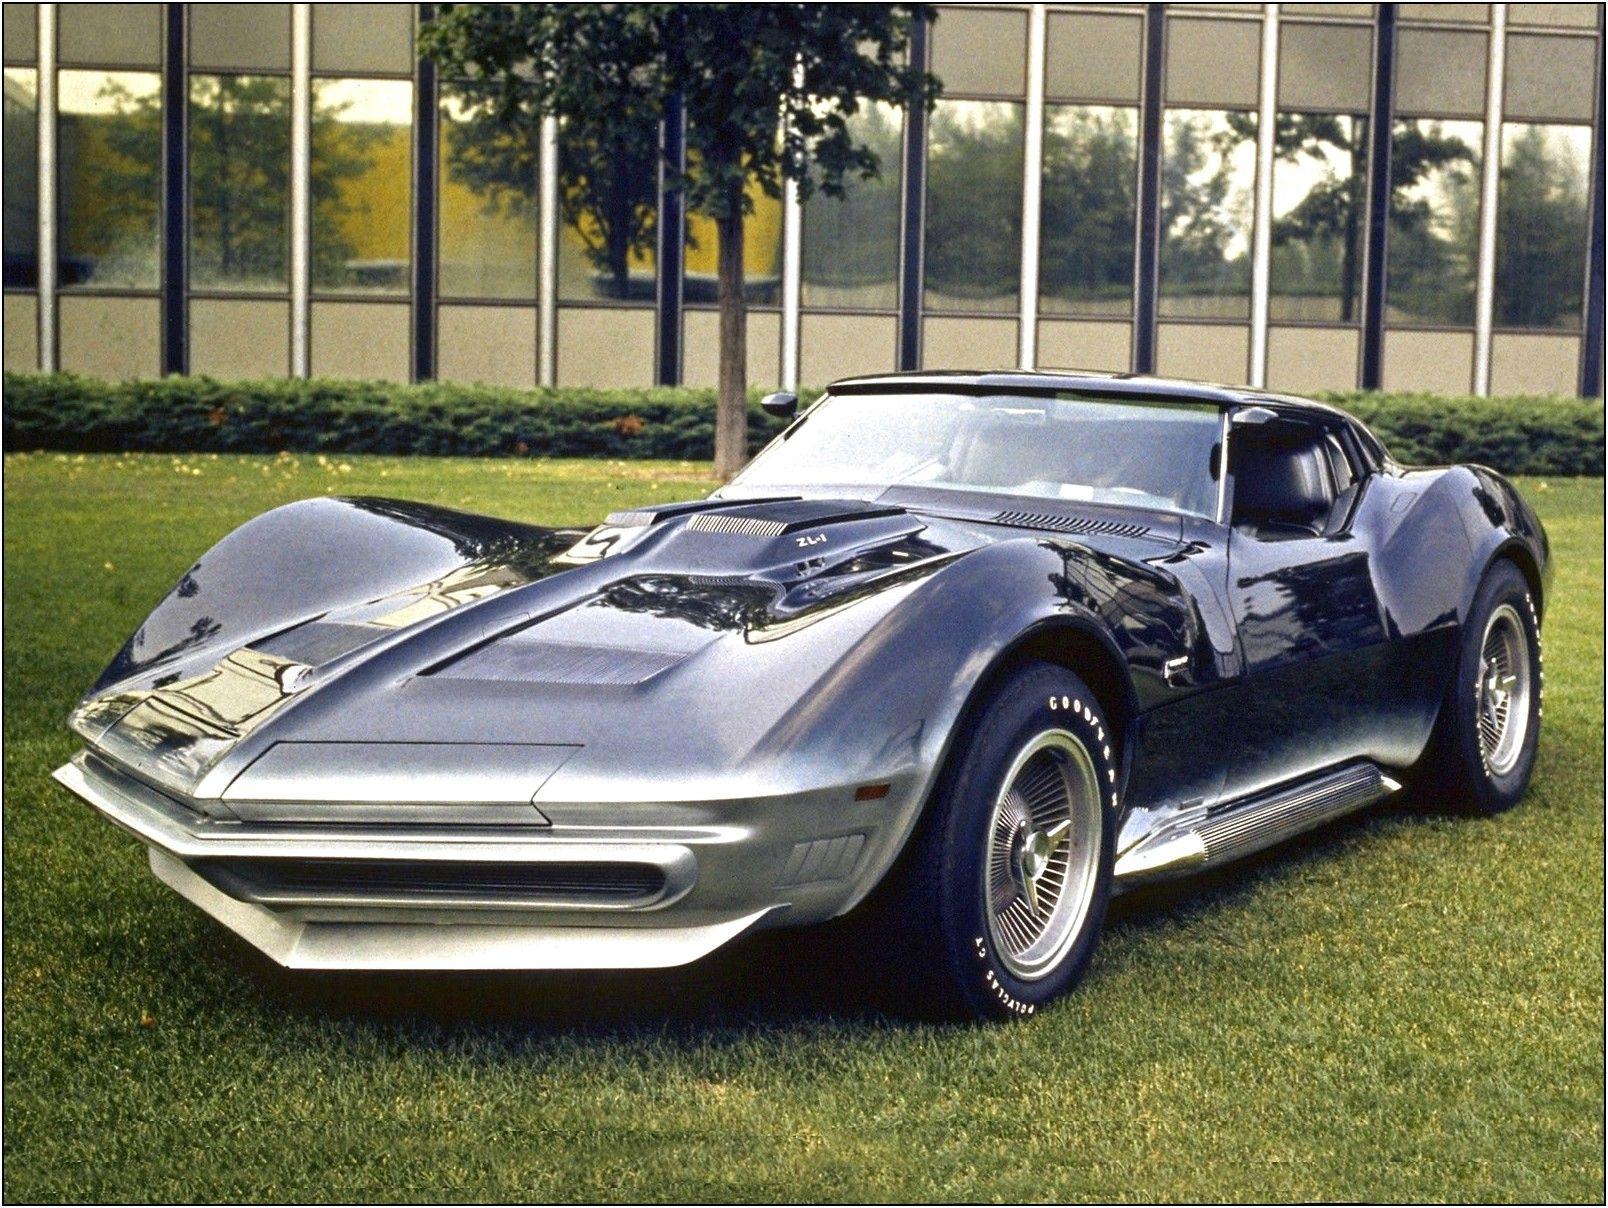 Rohmatullah77 On Twitter Classic Cars Corvette Chevrolet Corvette